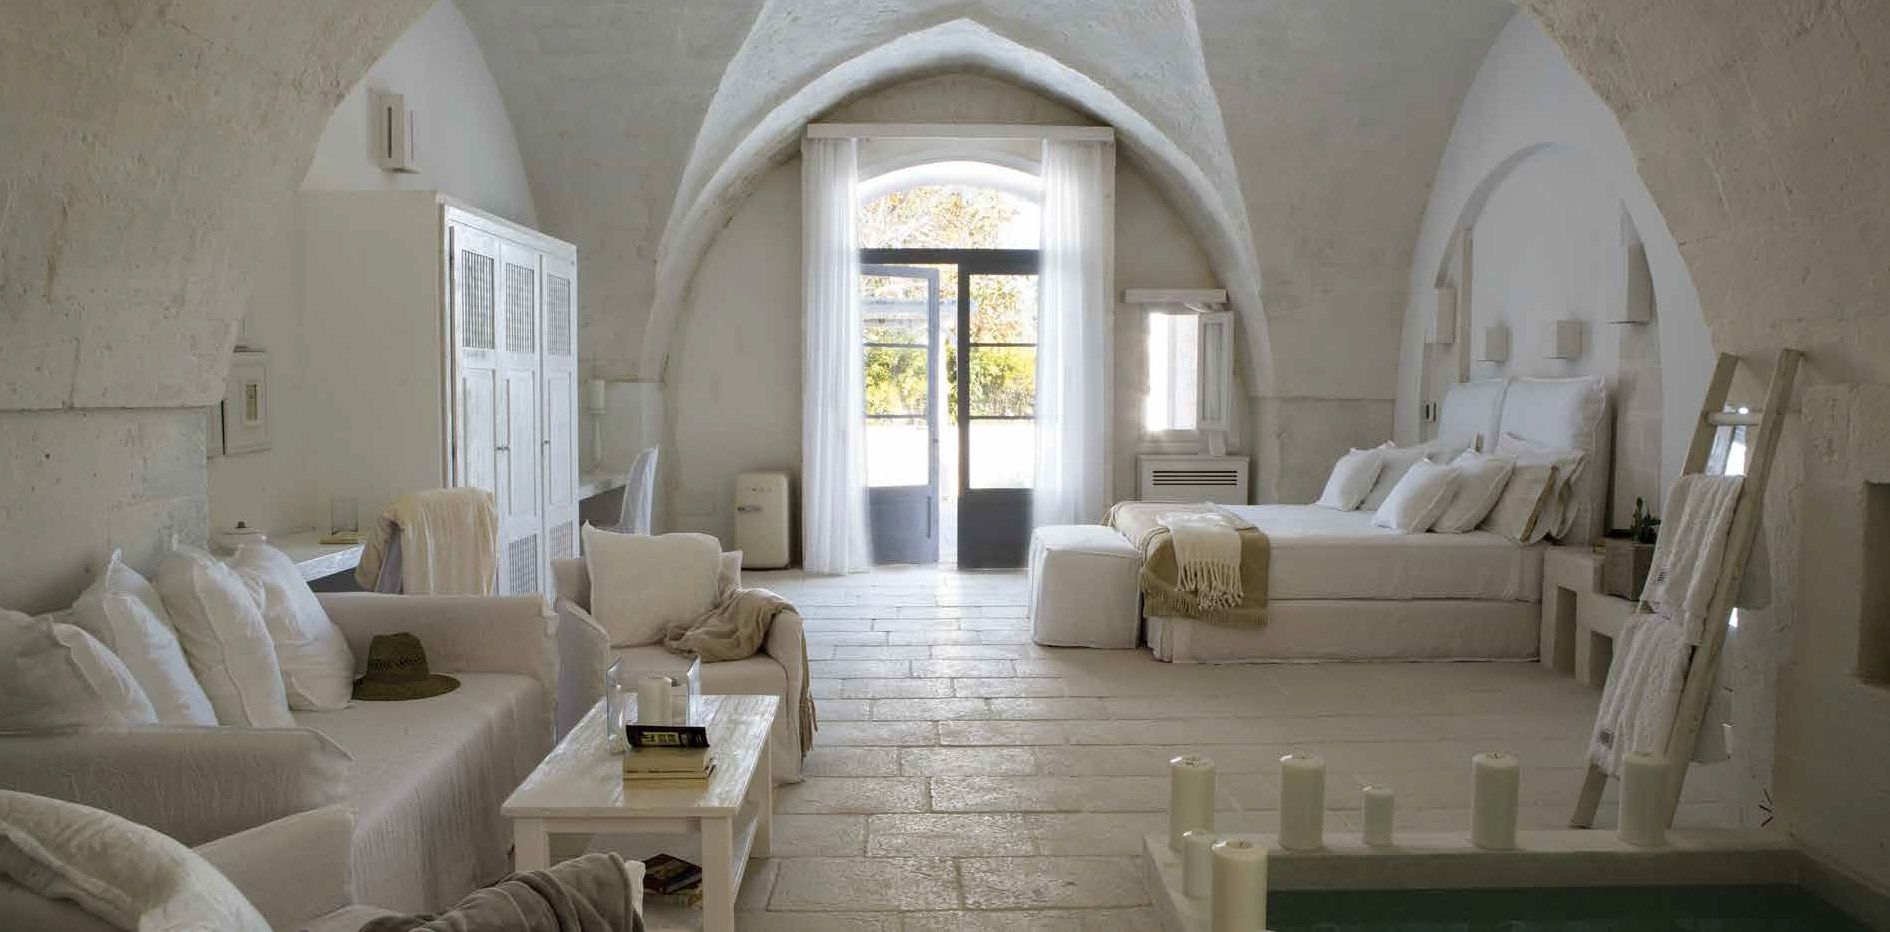 Ambientazione pavimentata con Vecchia Chianca bianco nel formato ...